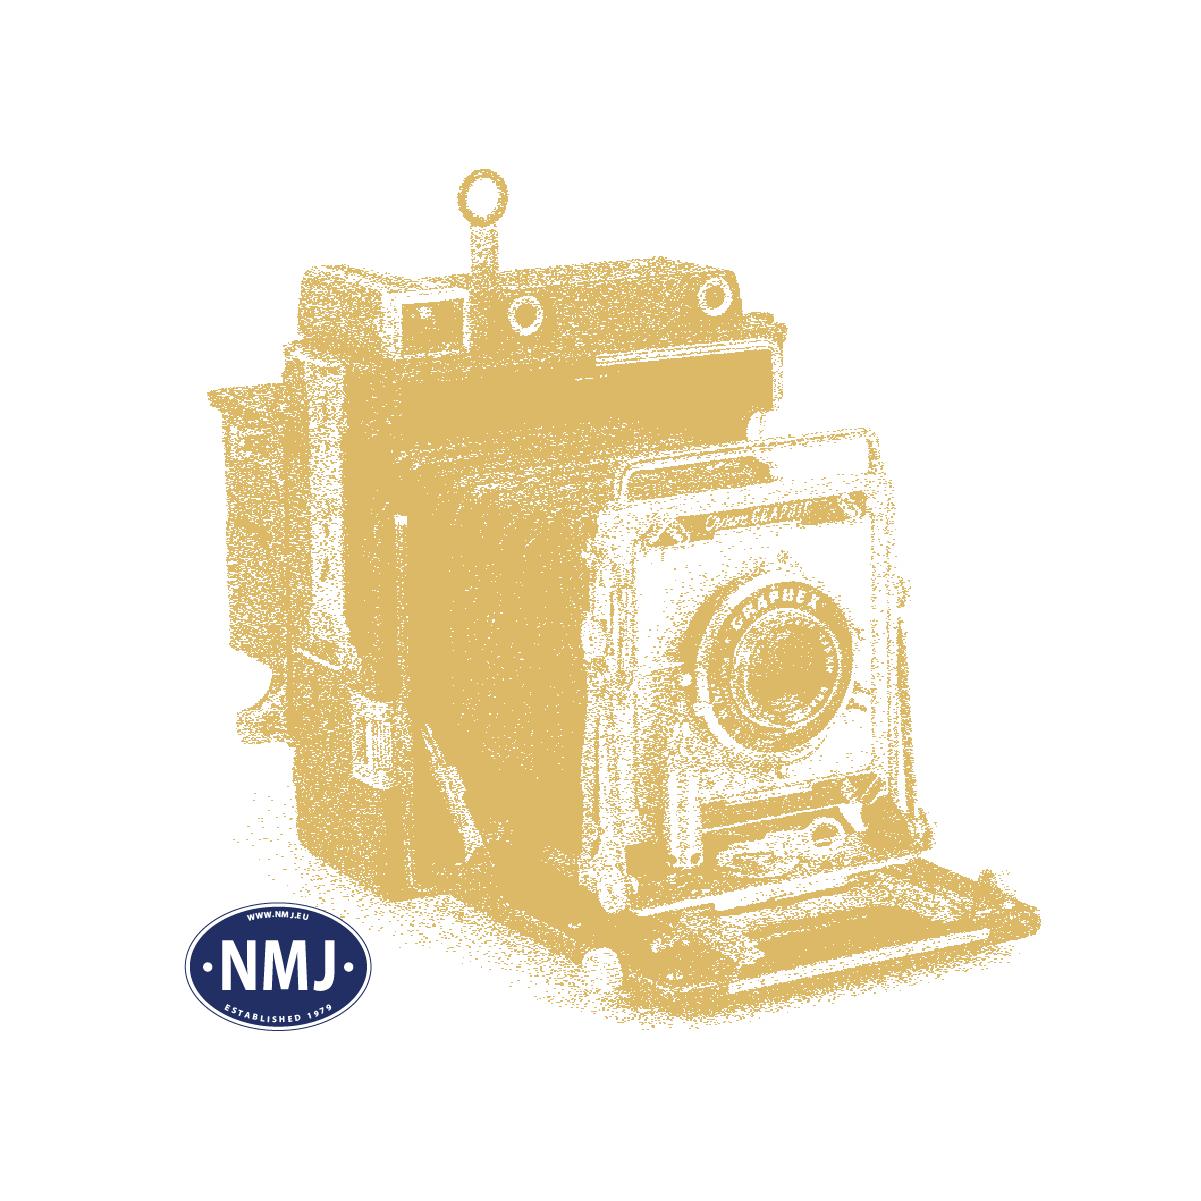 MIN717-22S - Gresstuster, Kort utgave, Sommer, H0